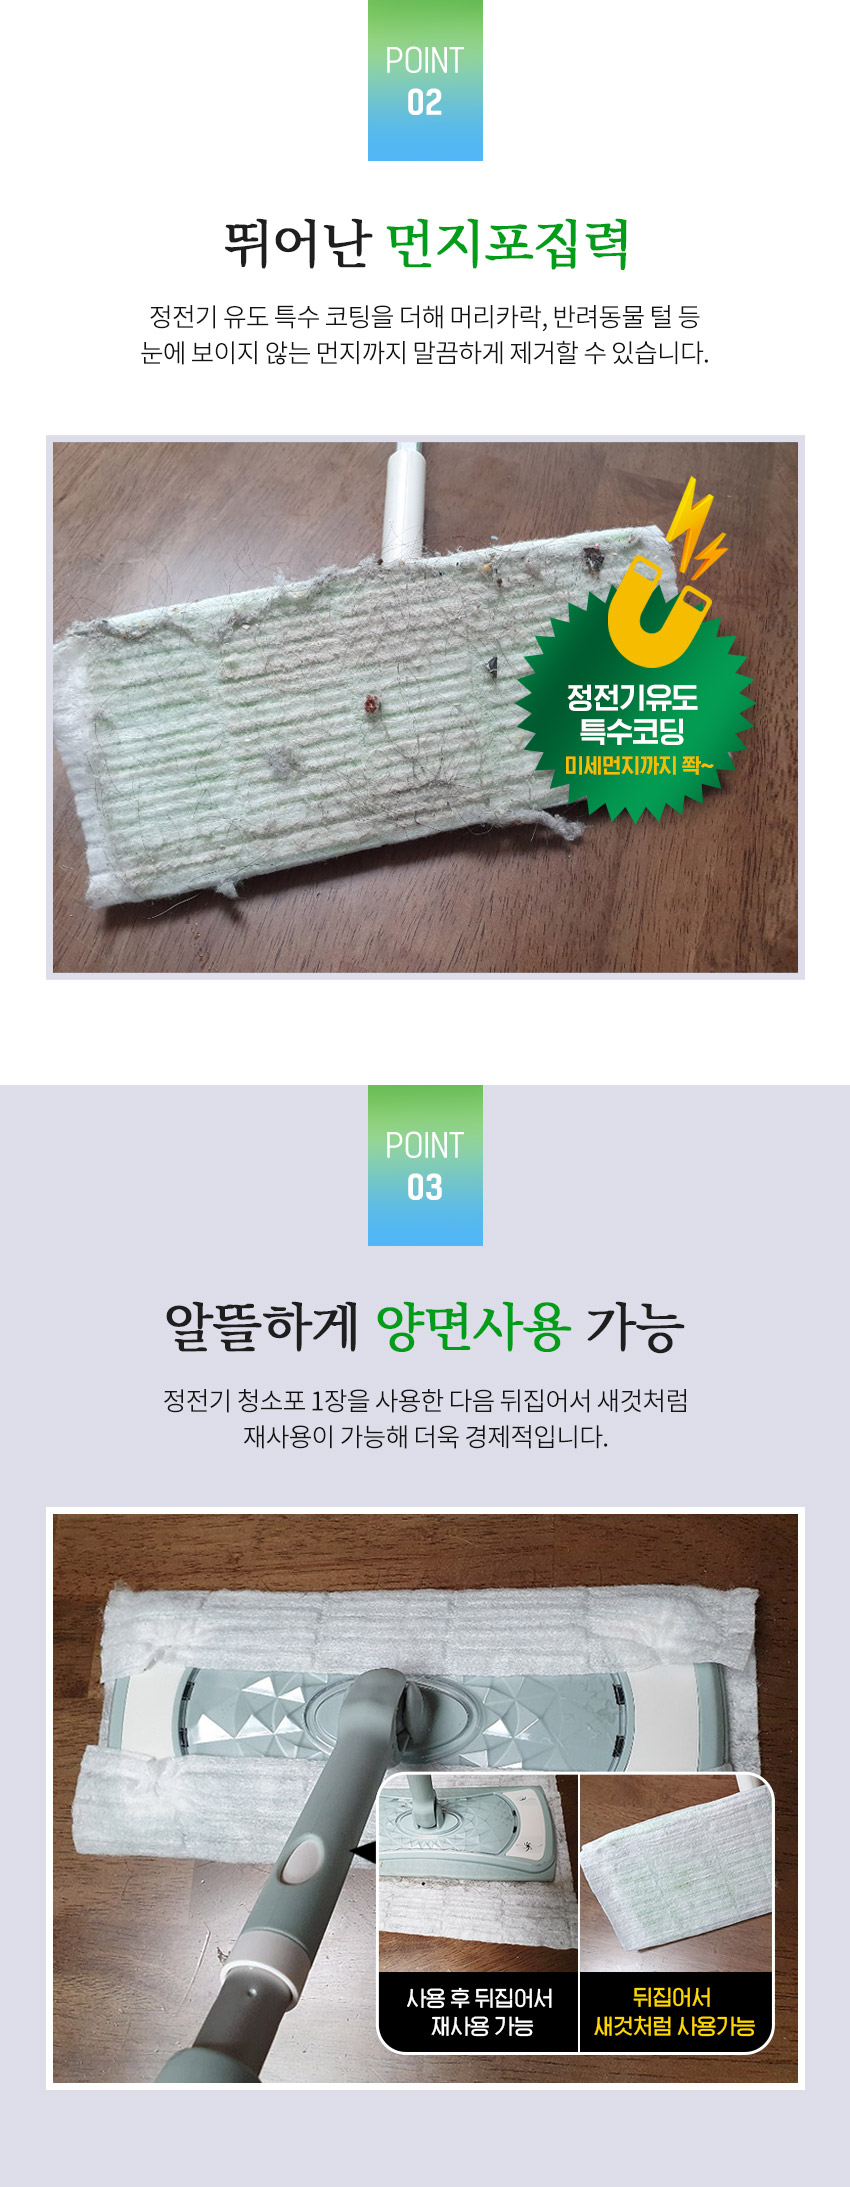 시리우스 도톰엠보 65g 정전기청소포 25매 5팩 먼지청소요고다 - 스프링클, 12,500원, 청소도구, 밀대패드